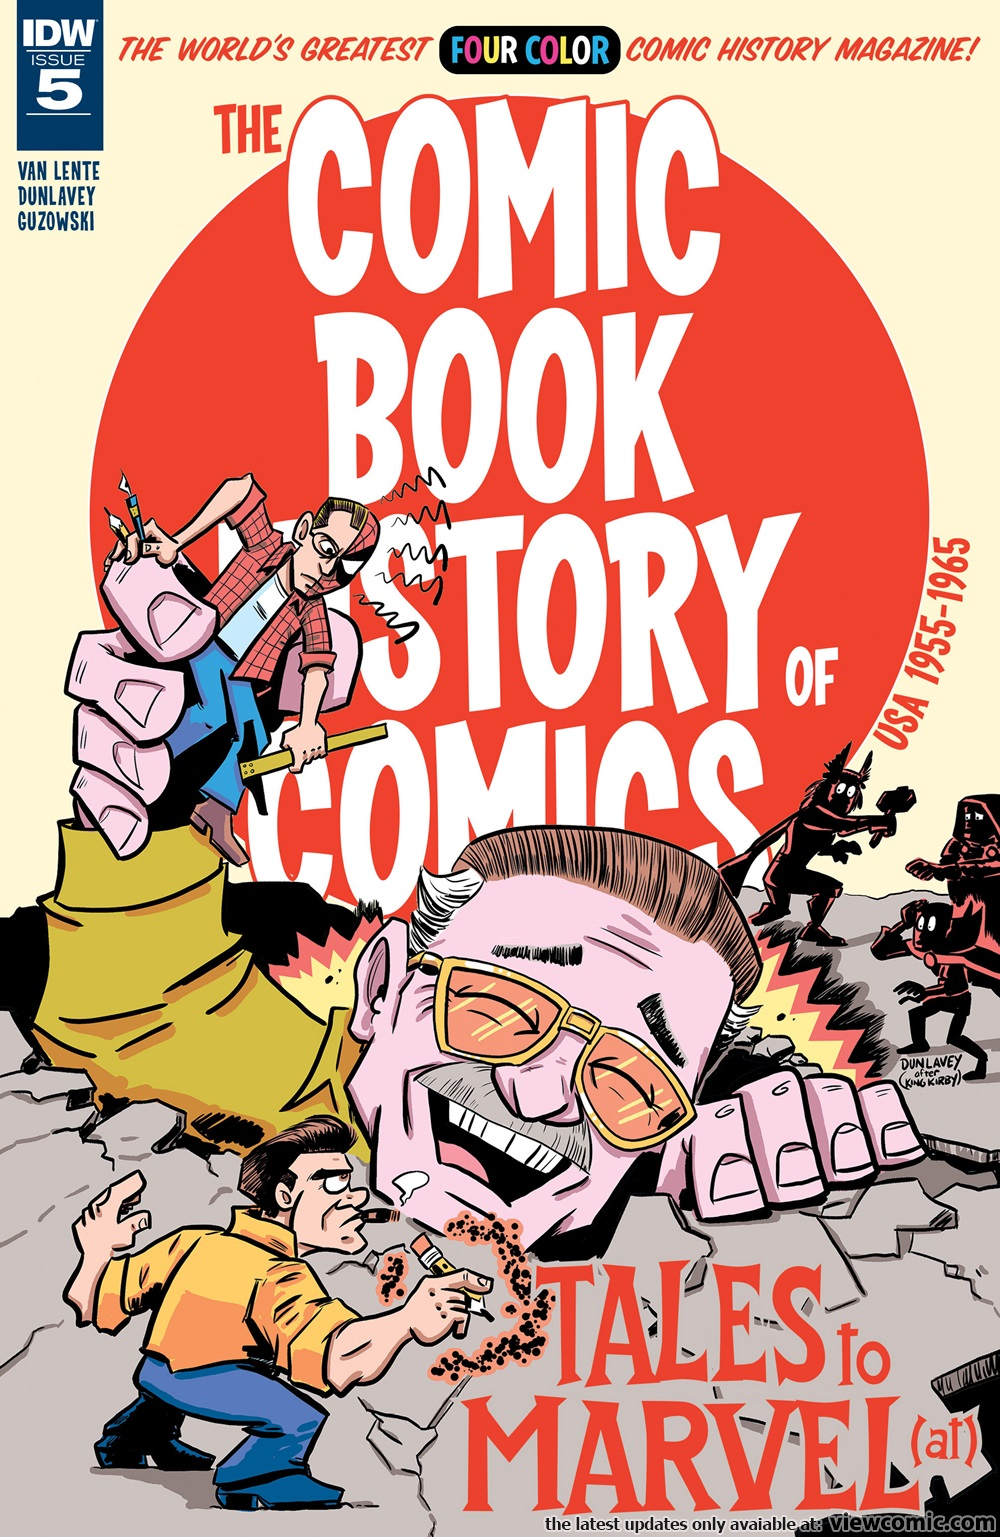 Comic Book History of Comics | Viewcomic reading comics